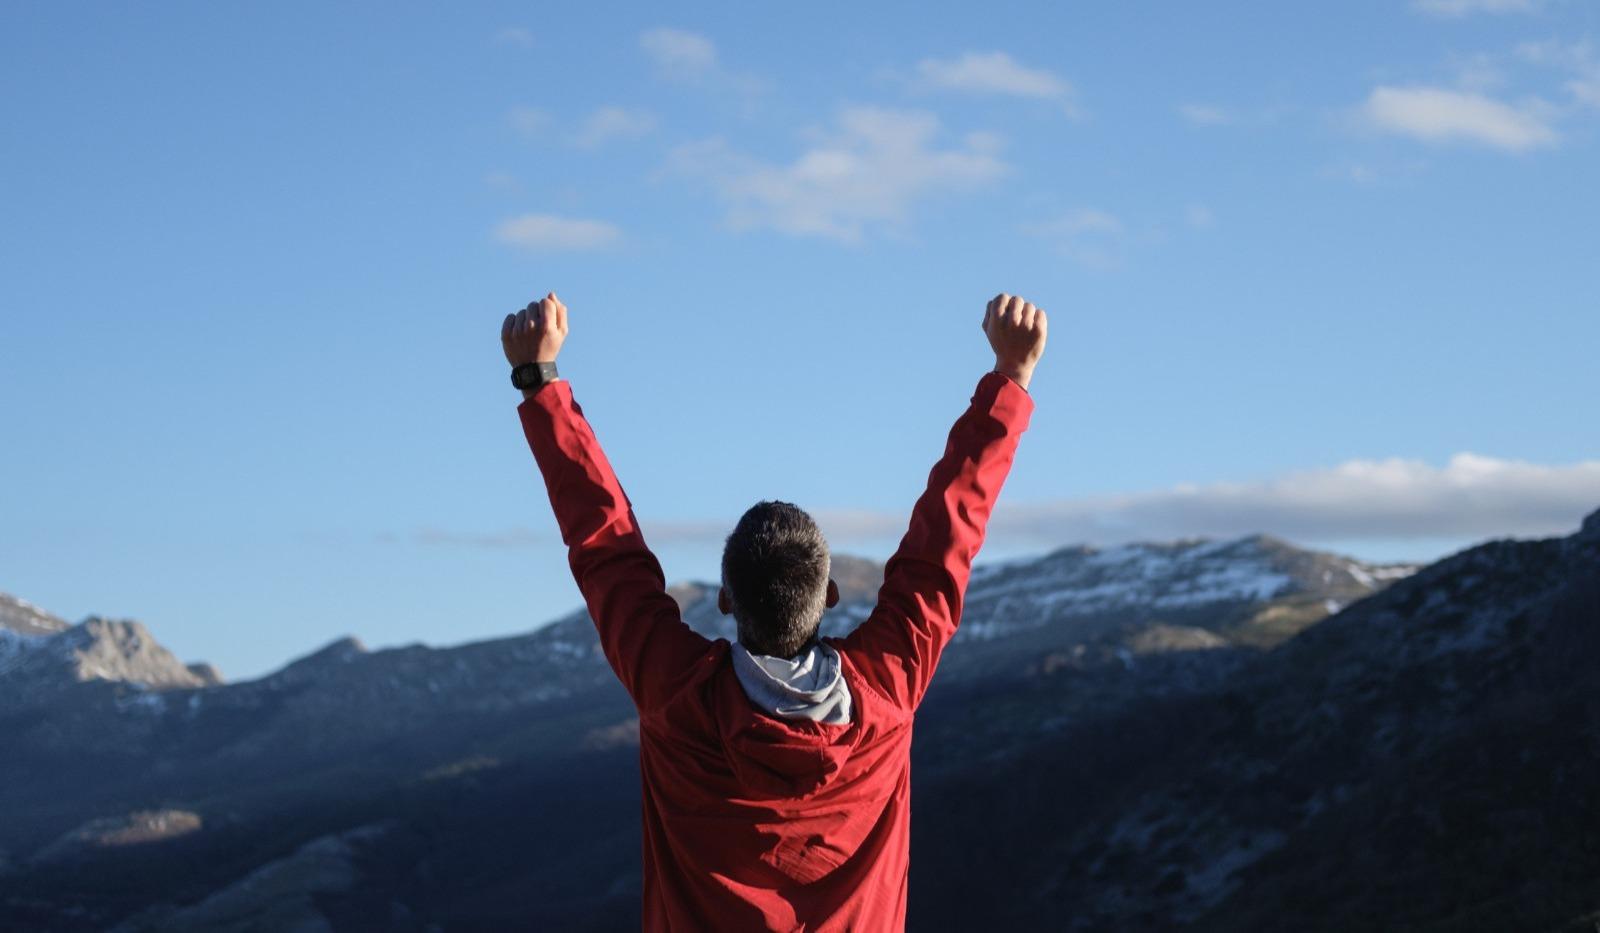 Proche aidant au sommet d'une montagne.